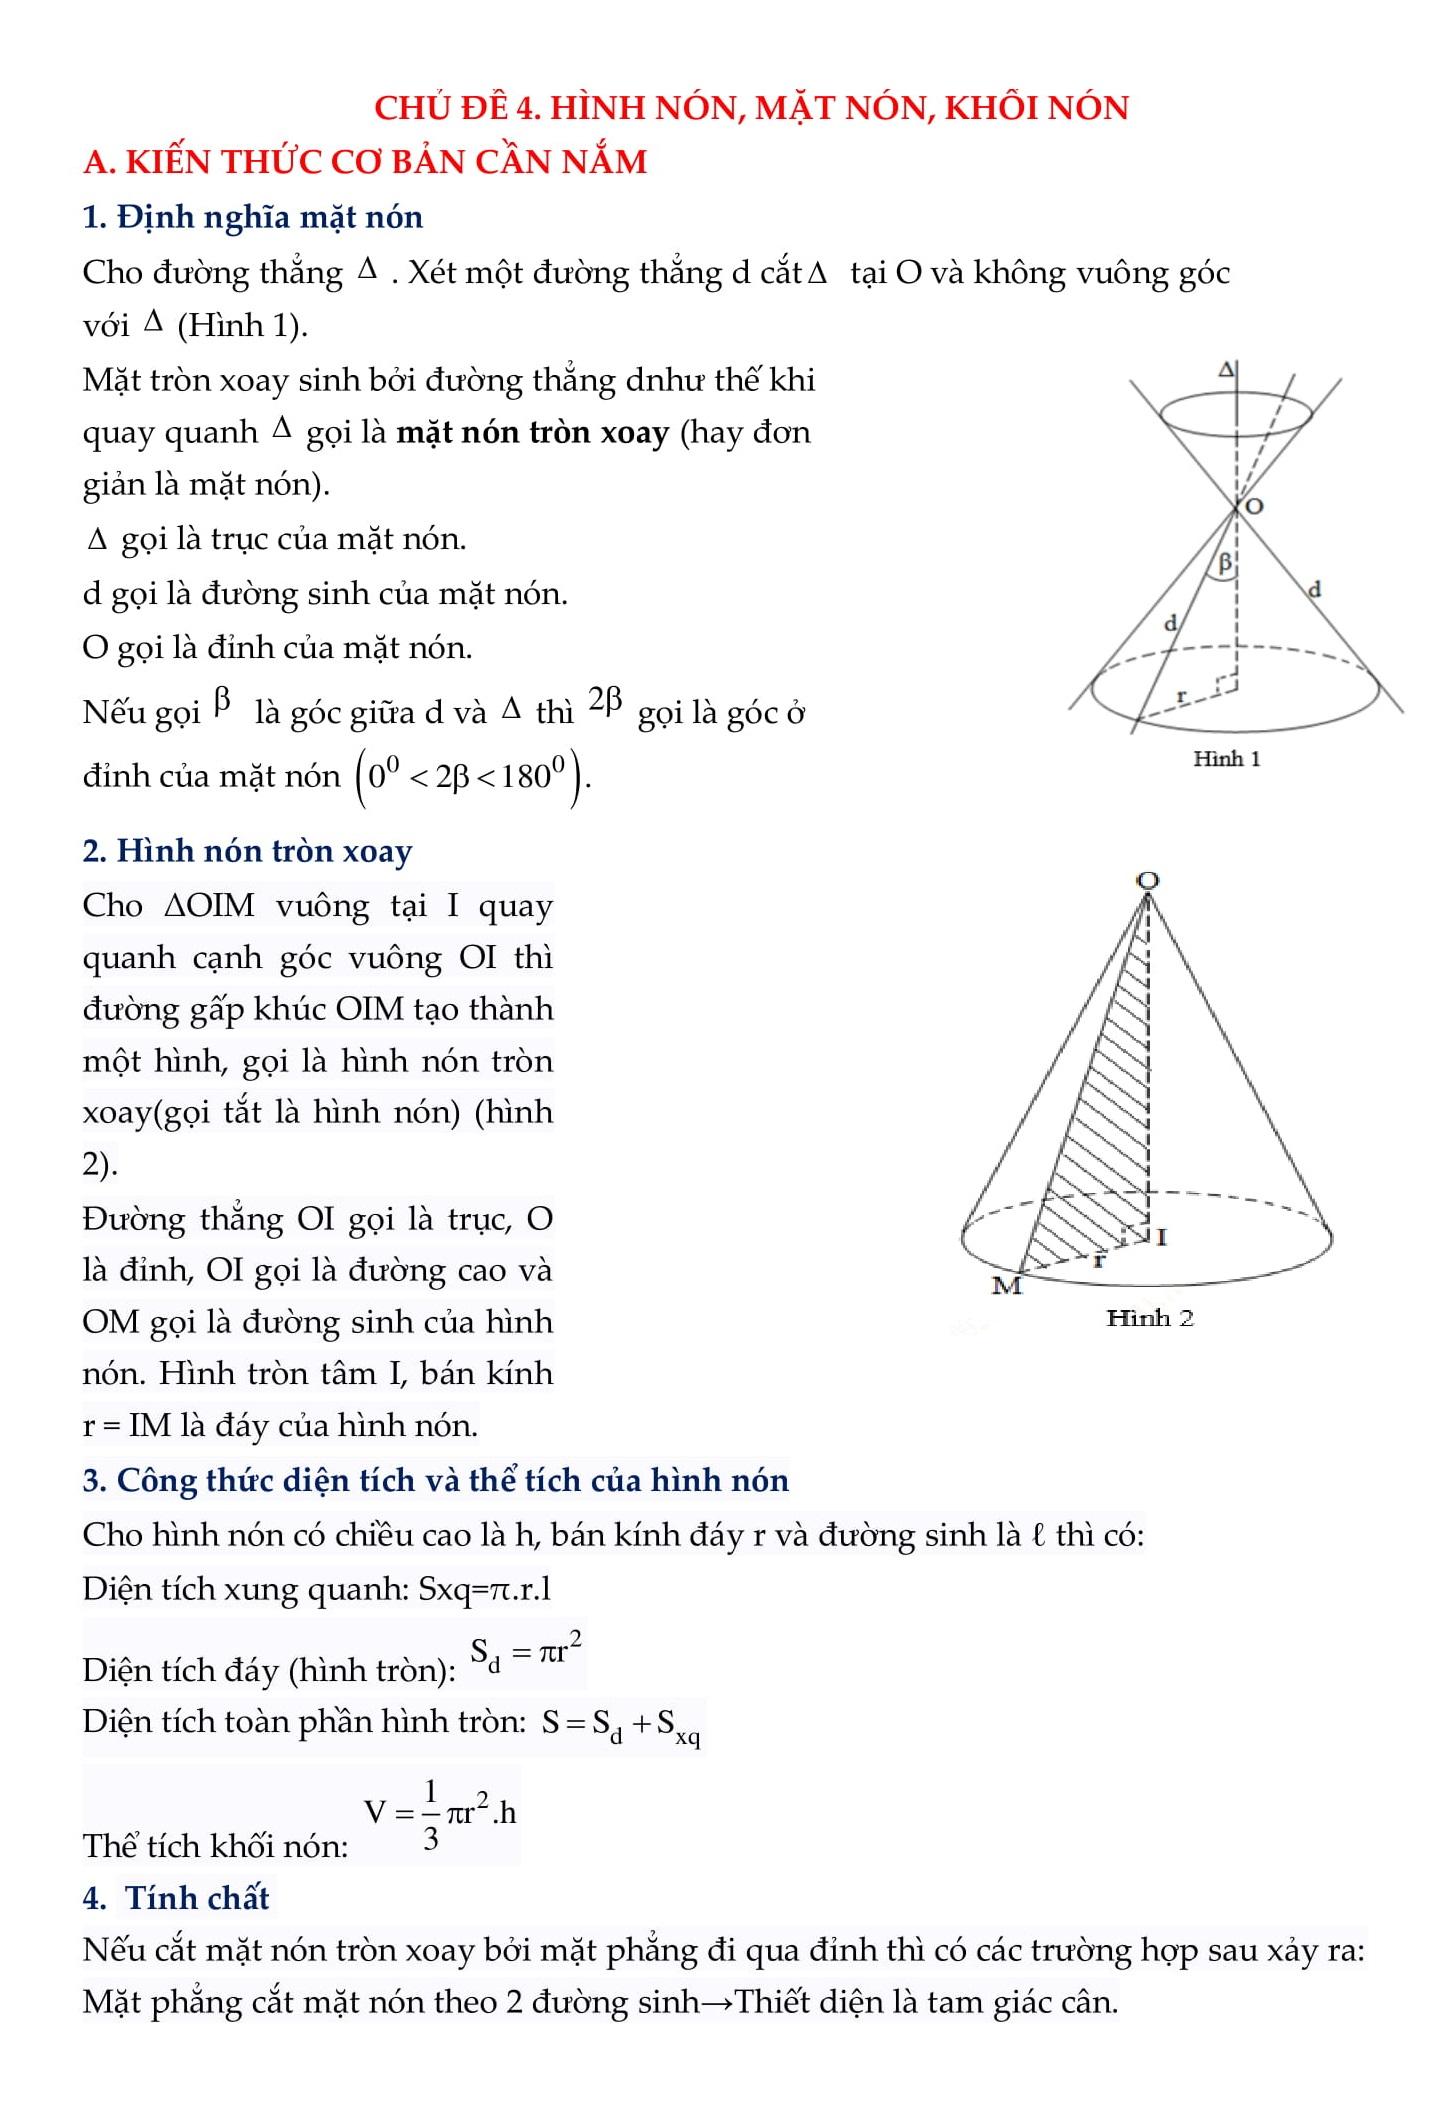 Chuyên đề Hình nón, trụ, cầu - Toán 12